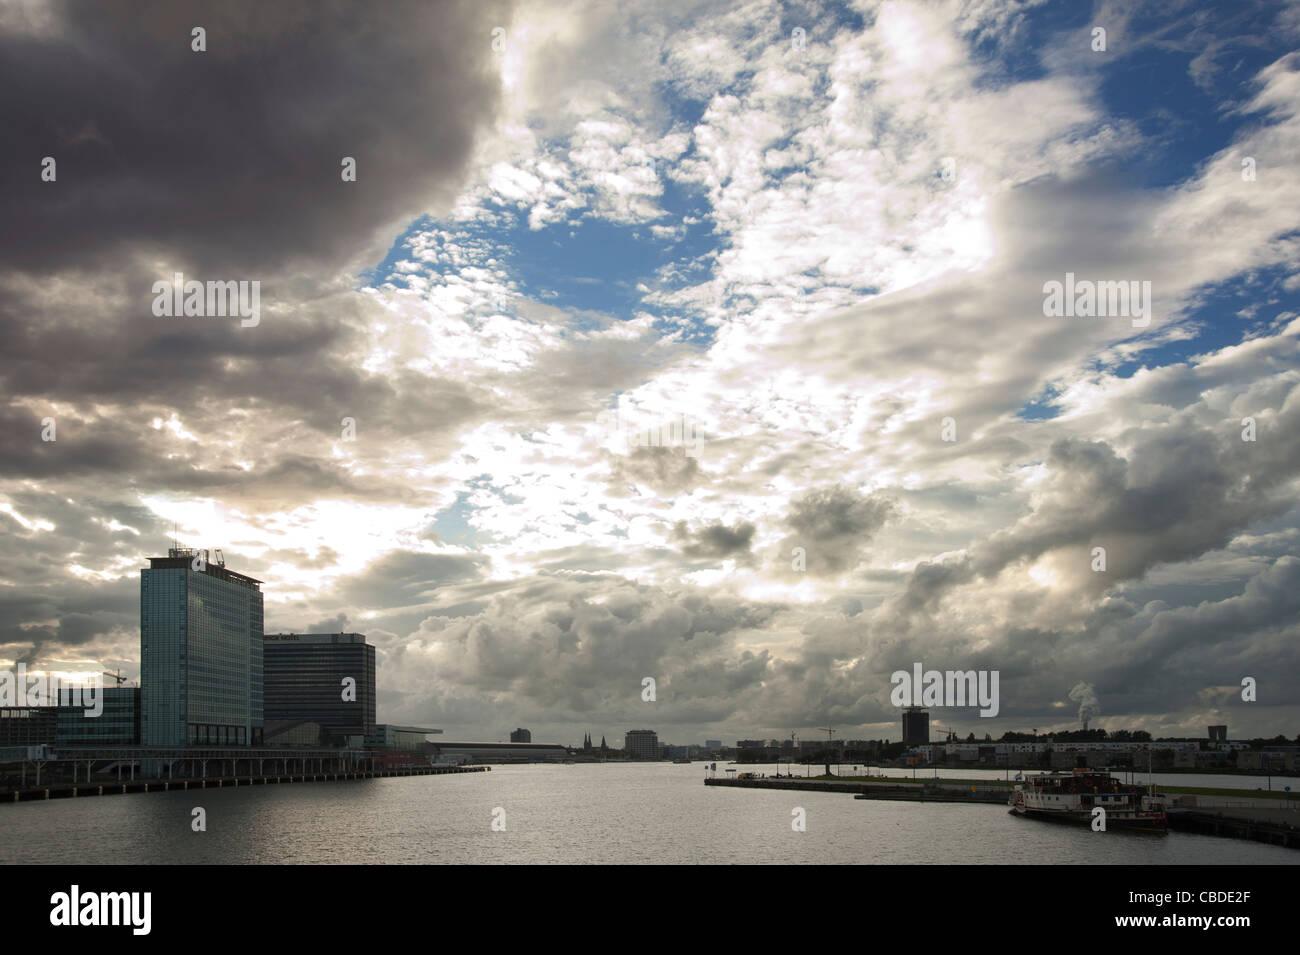 IJ harbour Amsterdam with heavy clouds, Het IJ. - Stock Image